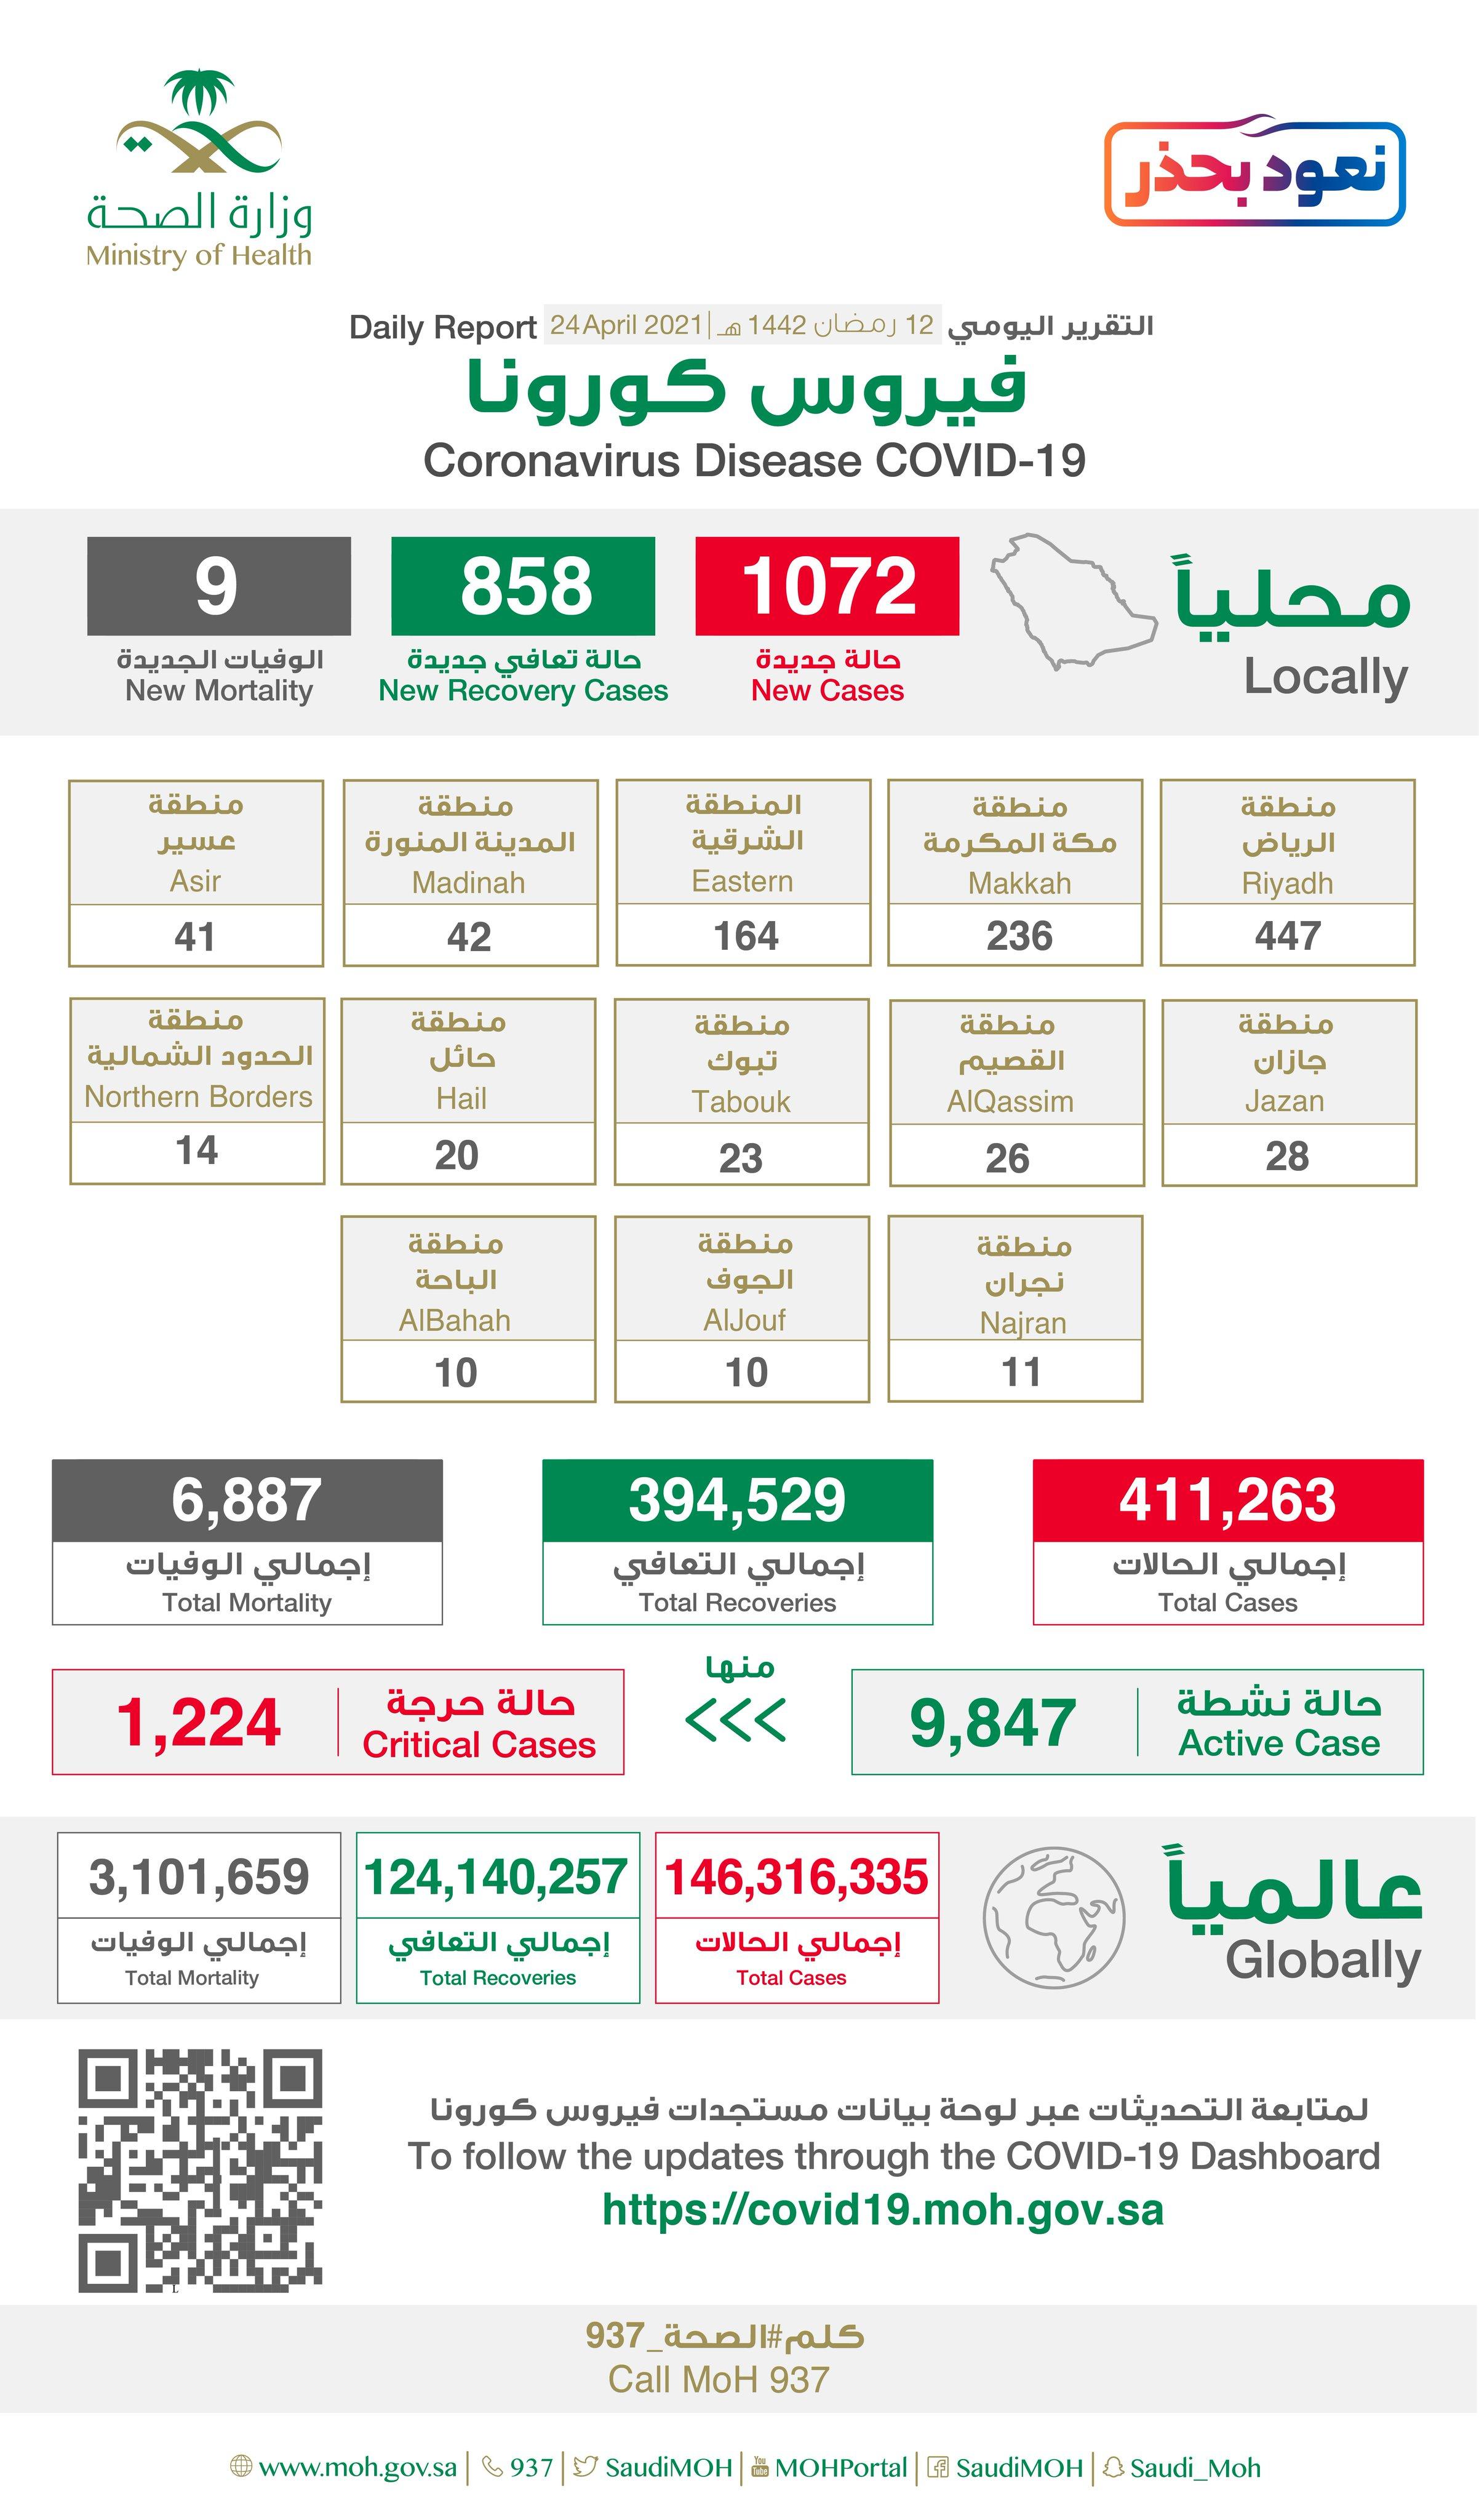 1072 إصابة جديدة بفيروس كورونا في السعودية .. و 858 حالة شفاء و 9 وفيات